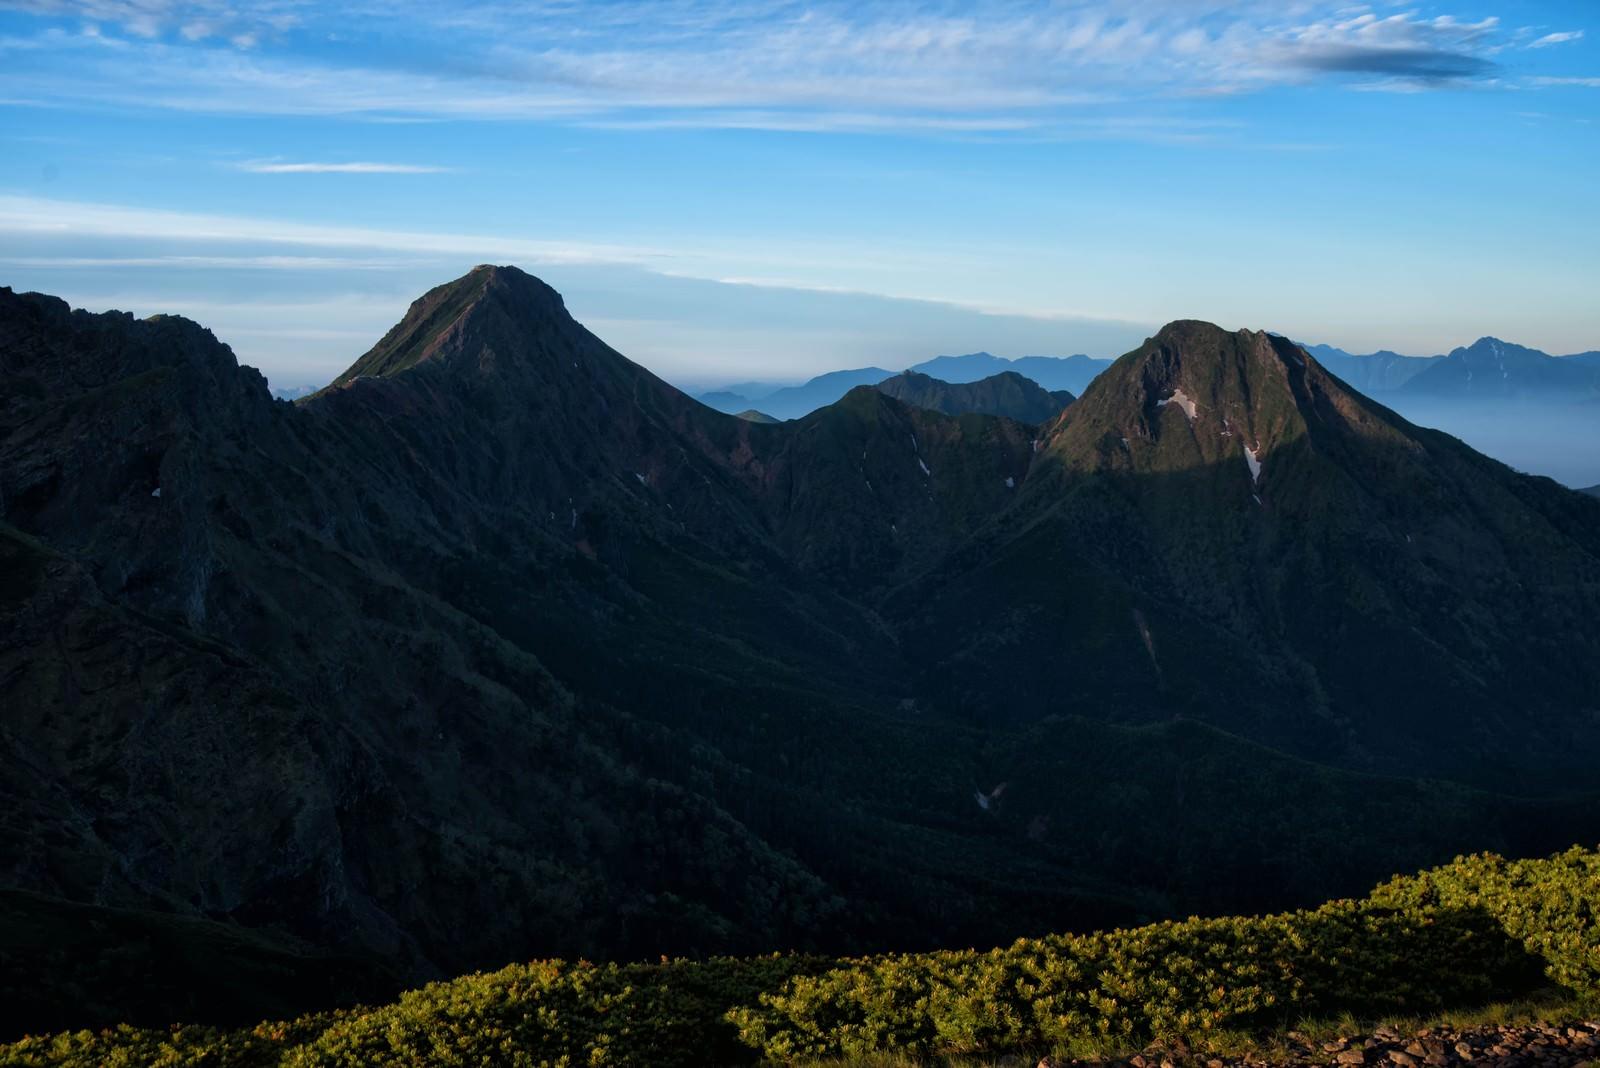 「日に照らされた深い渓谷を有する山 | 写真の無料素材・フリー素材 - ぱくたそ」の写真